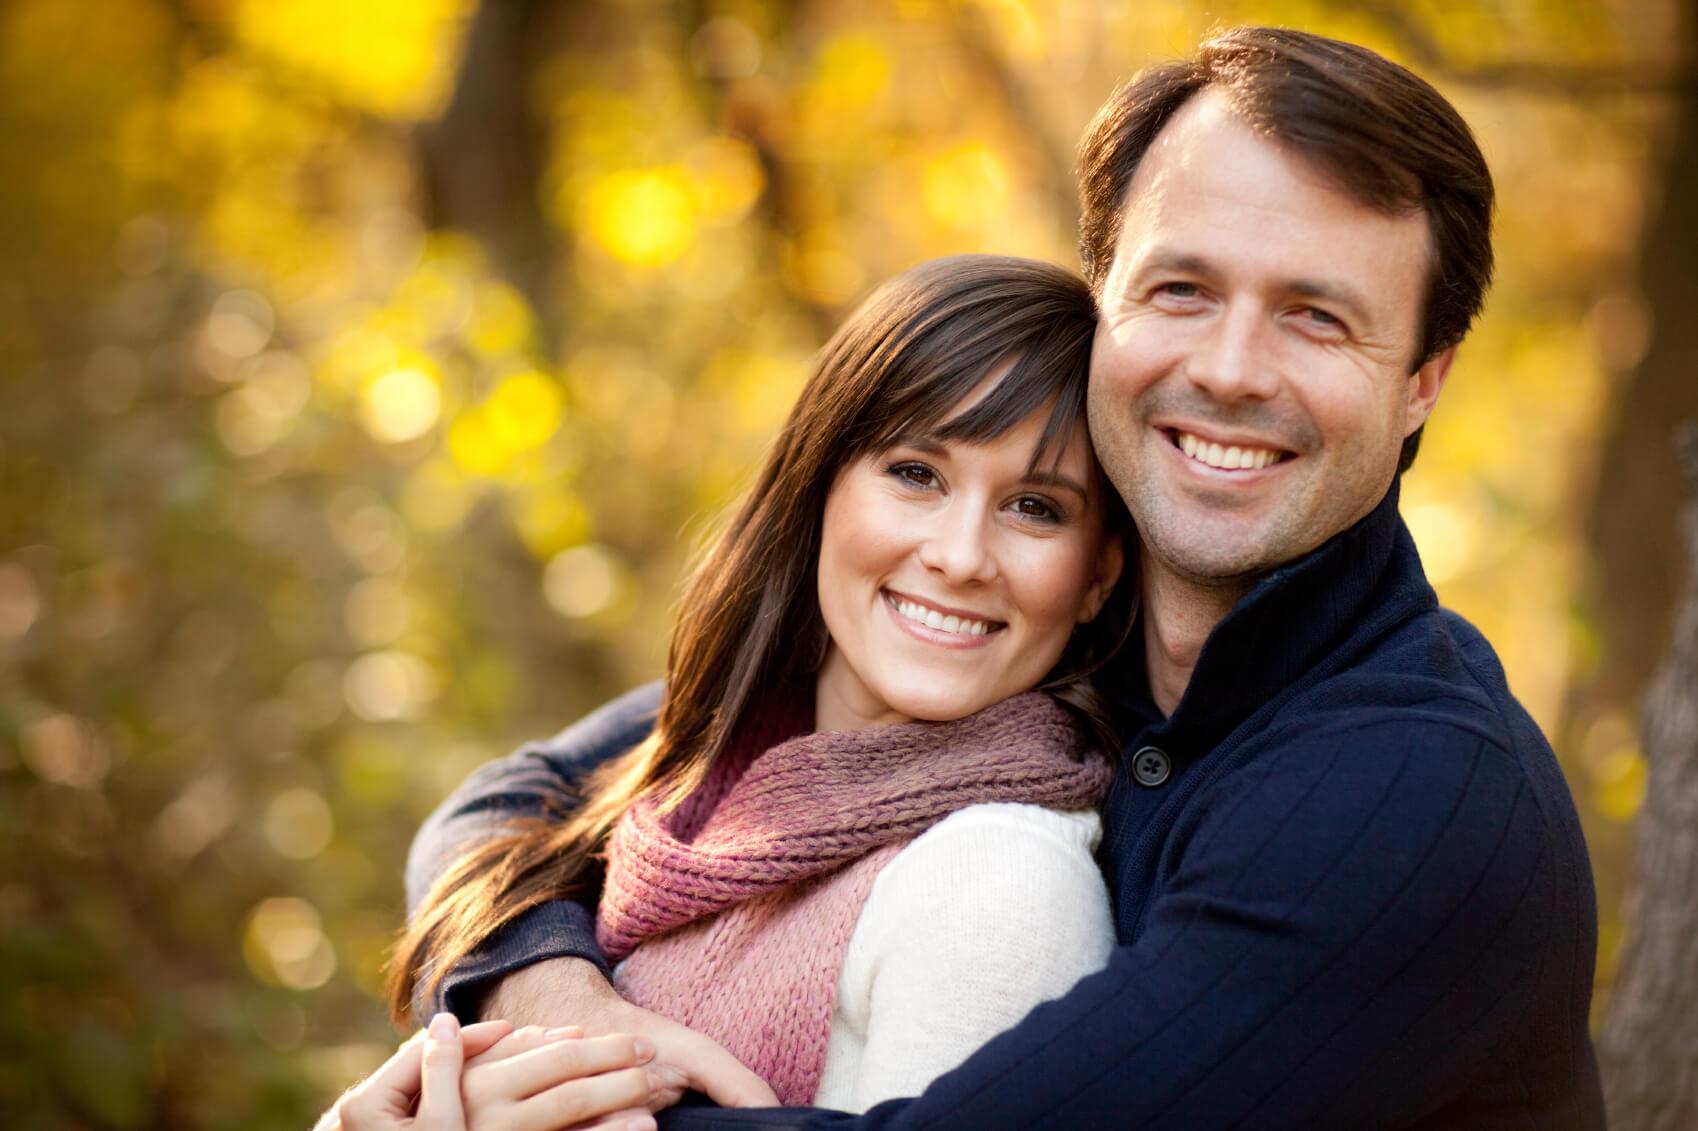 آیا داشتن رابطه جنسی سیستم ایمنی بدن را تقویت می کند؟